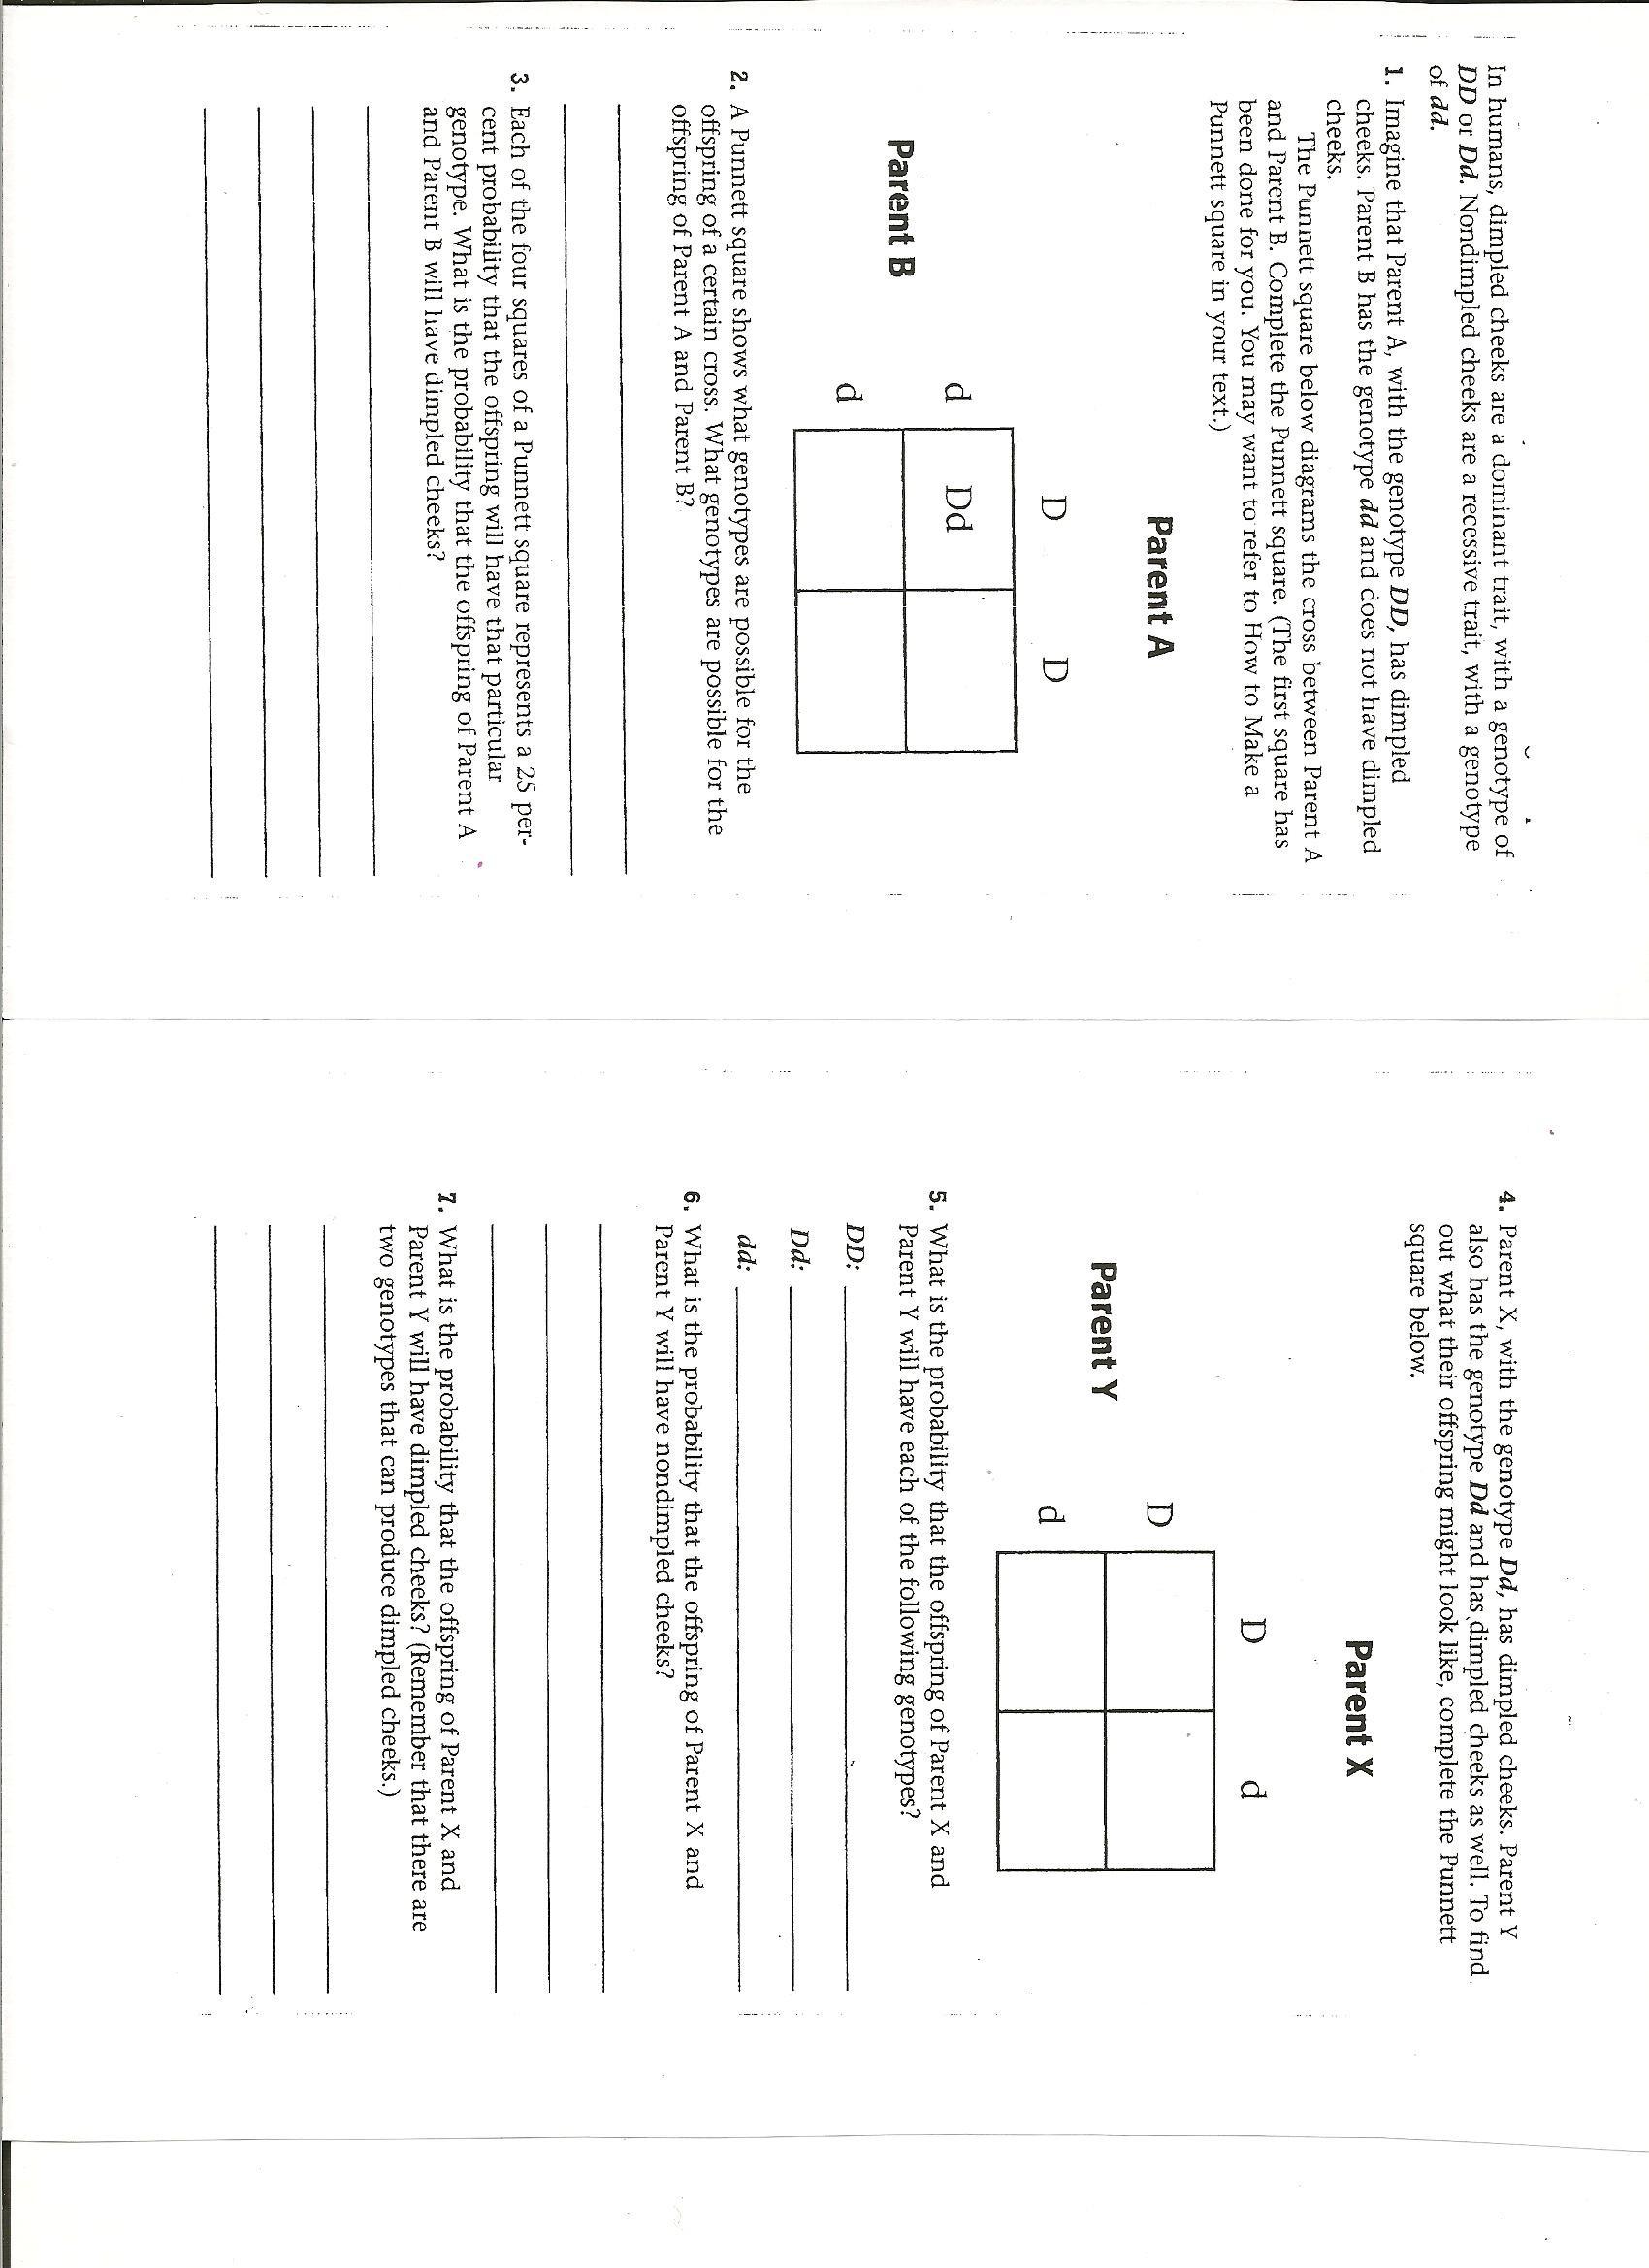 Punnett Square Practice Problems Worksheet Worksheet Punnett Square Practice Worksheet Hunterhq Free